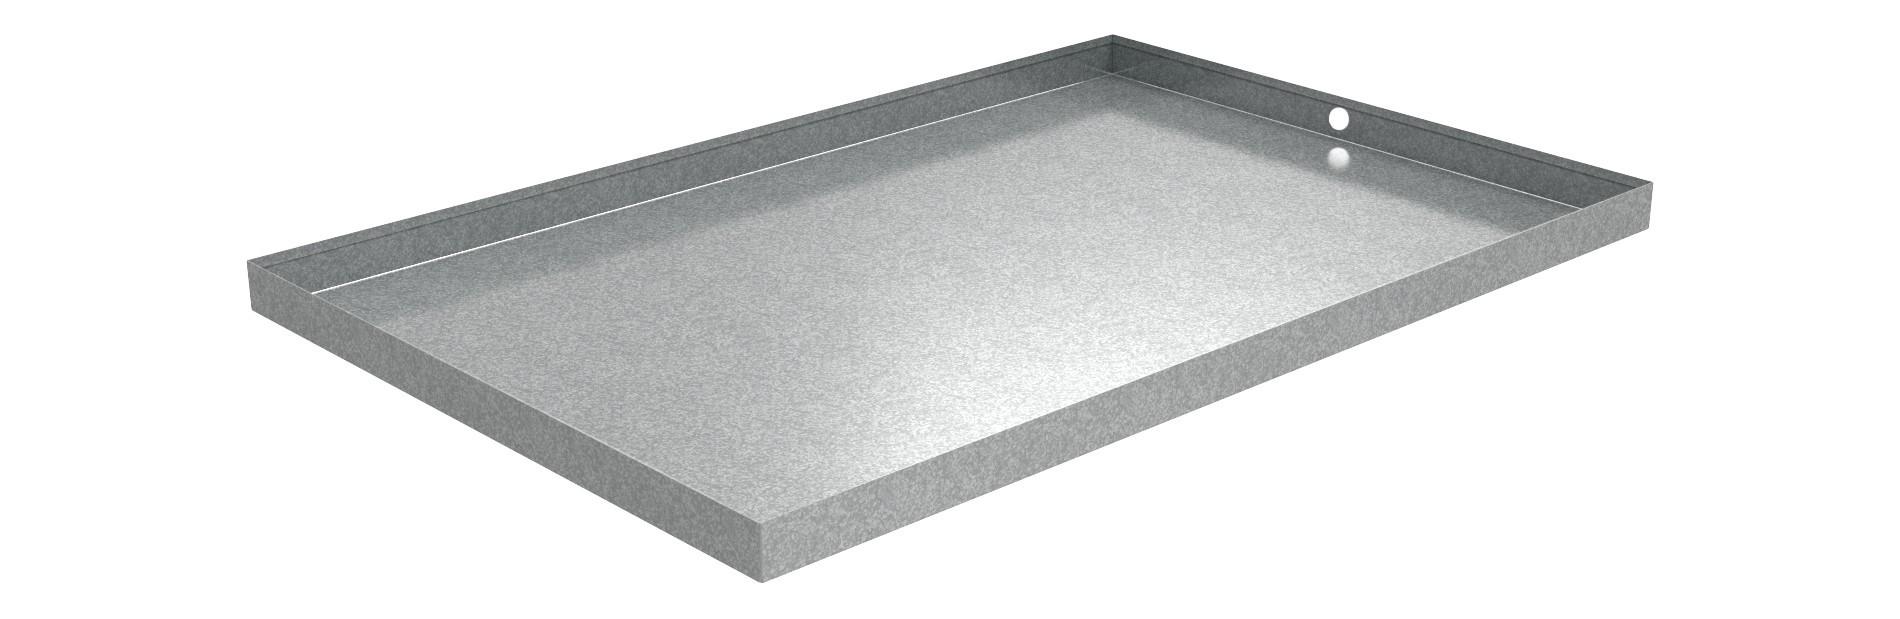 Galvanized Steel Drip Pans